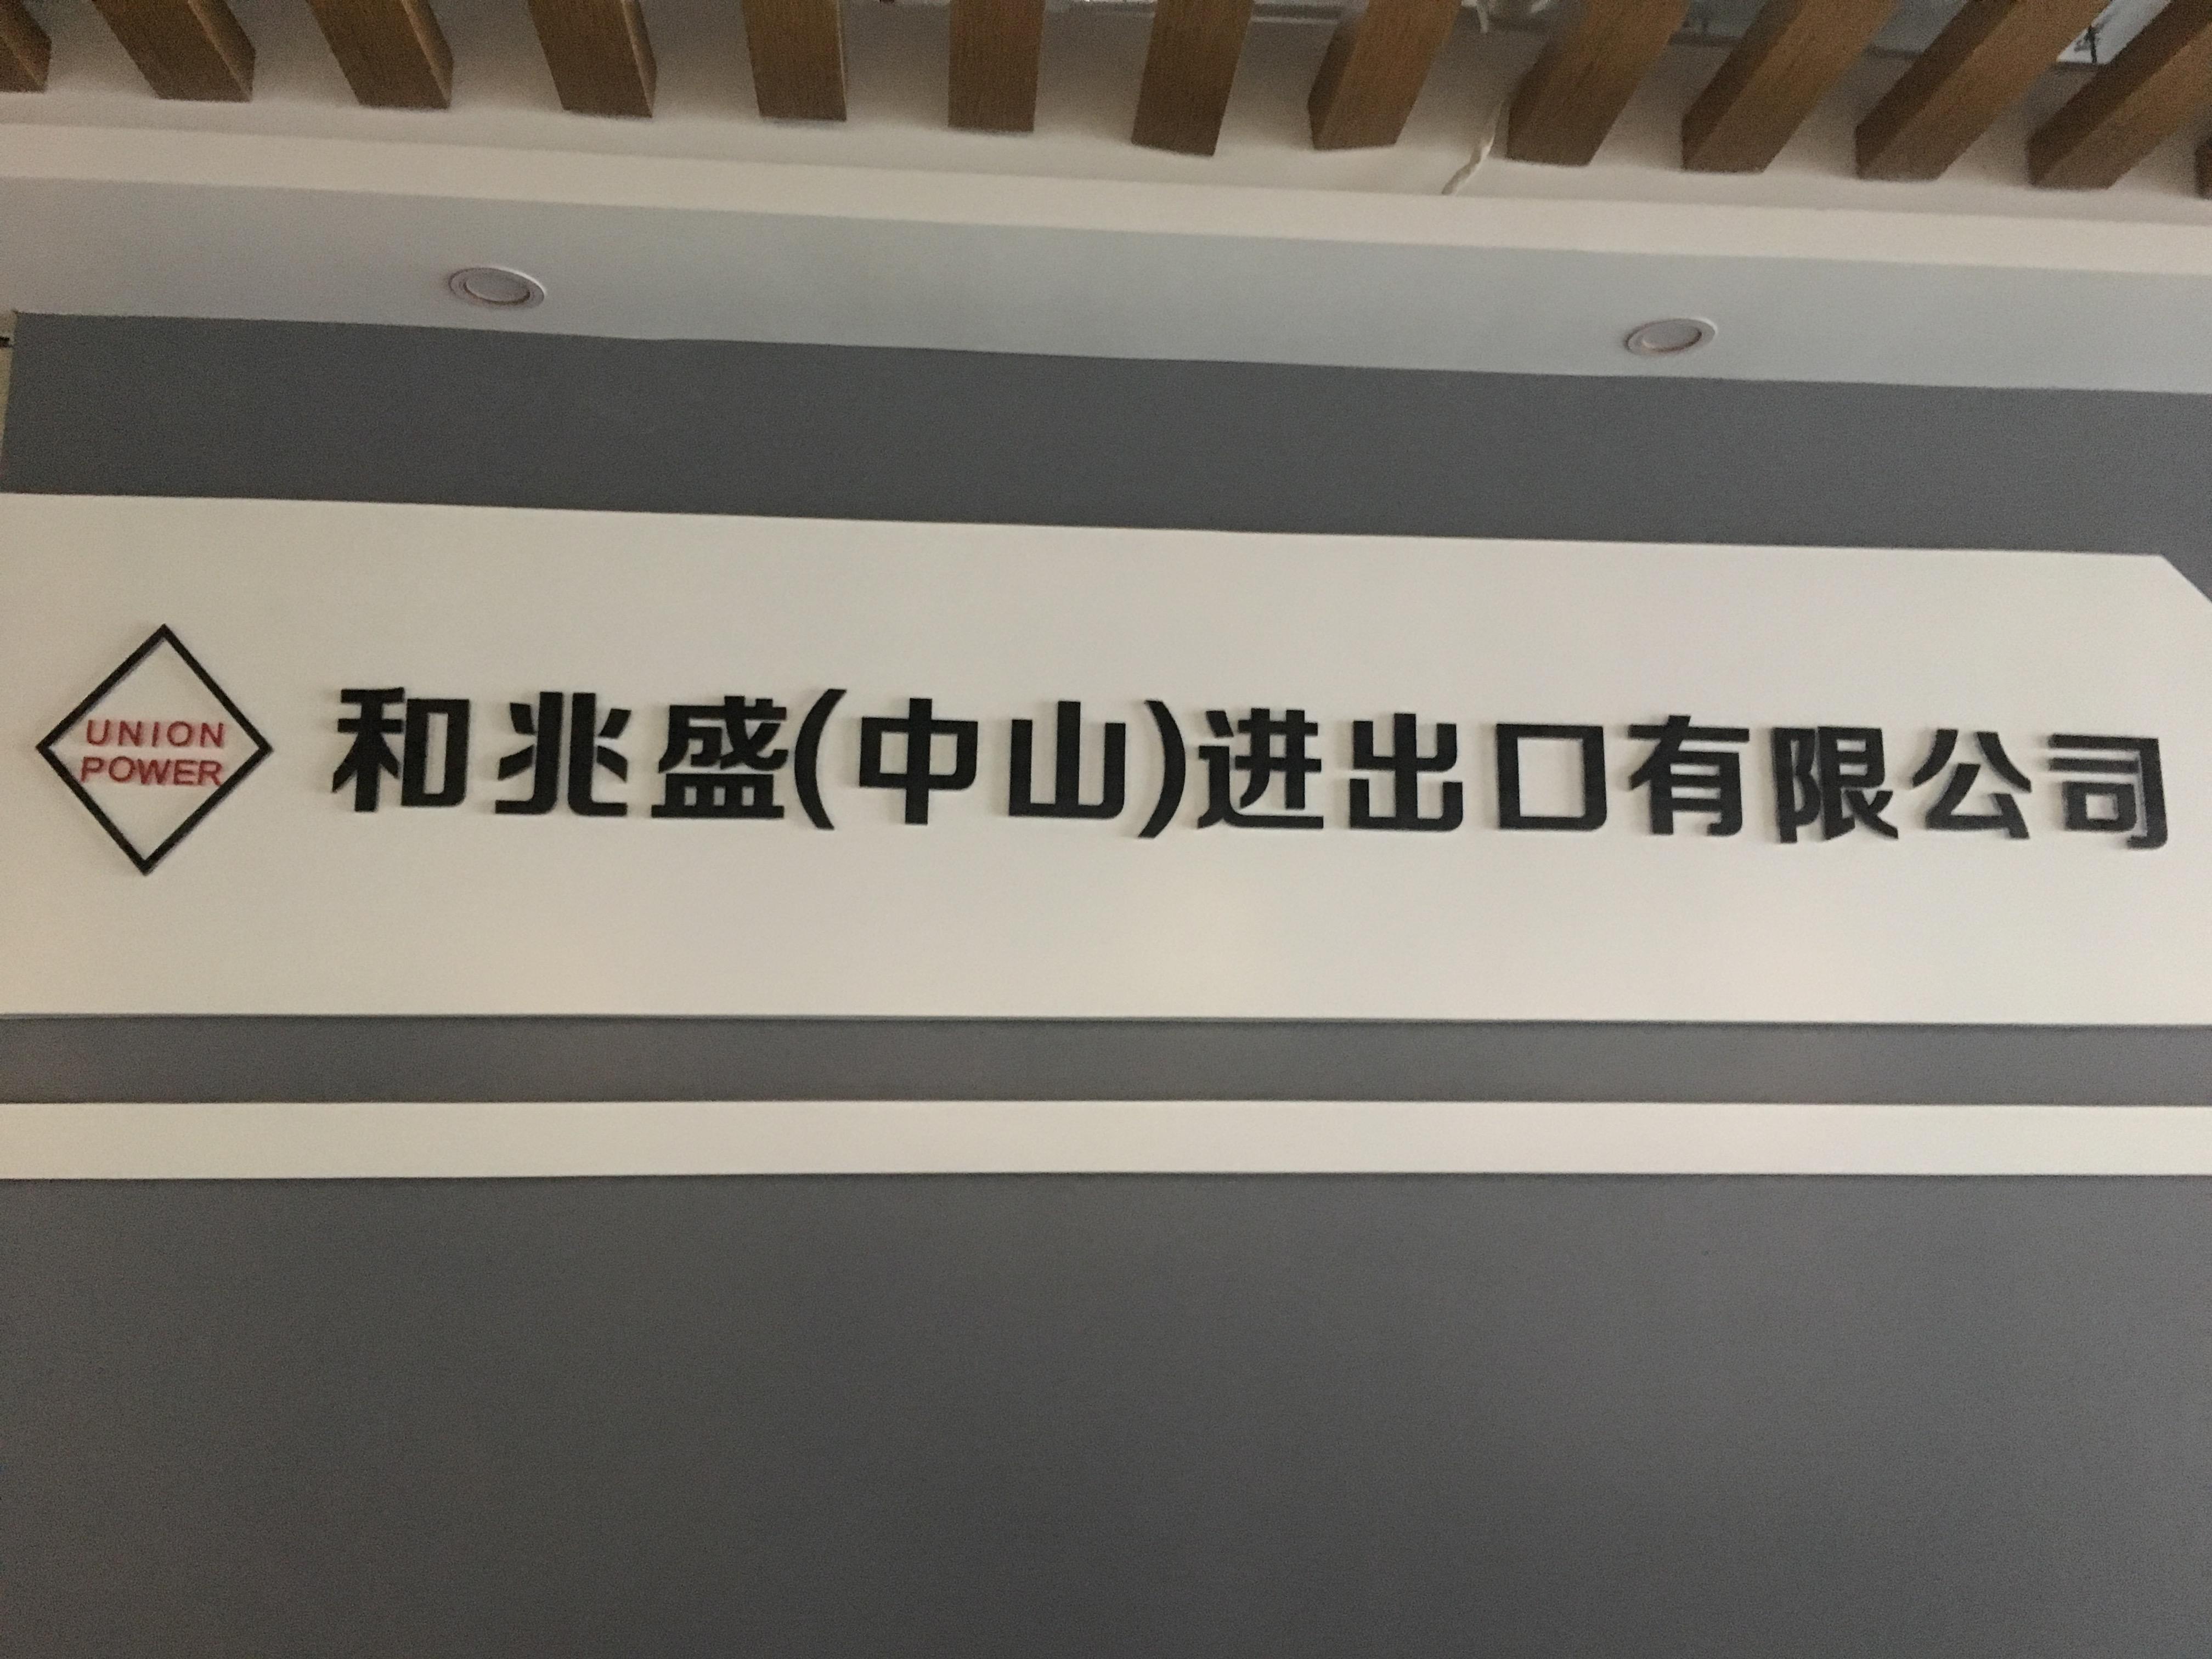 和兆盛(中山)进出口有限公司_才通国际人才网_job001.cn